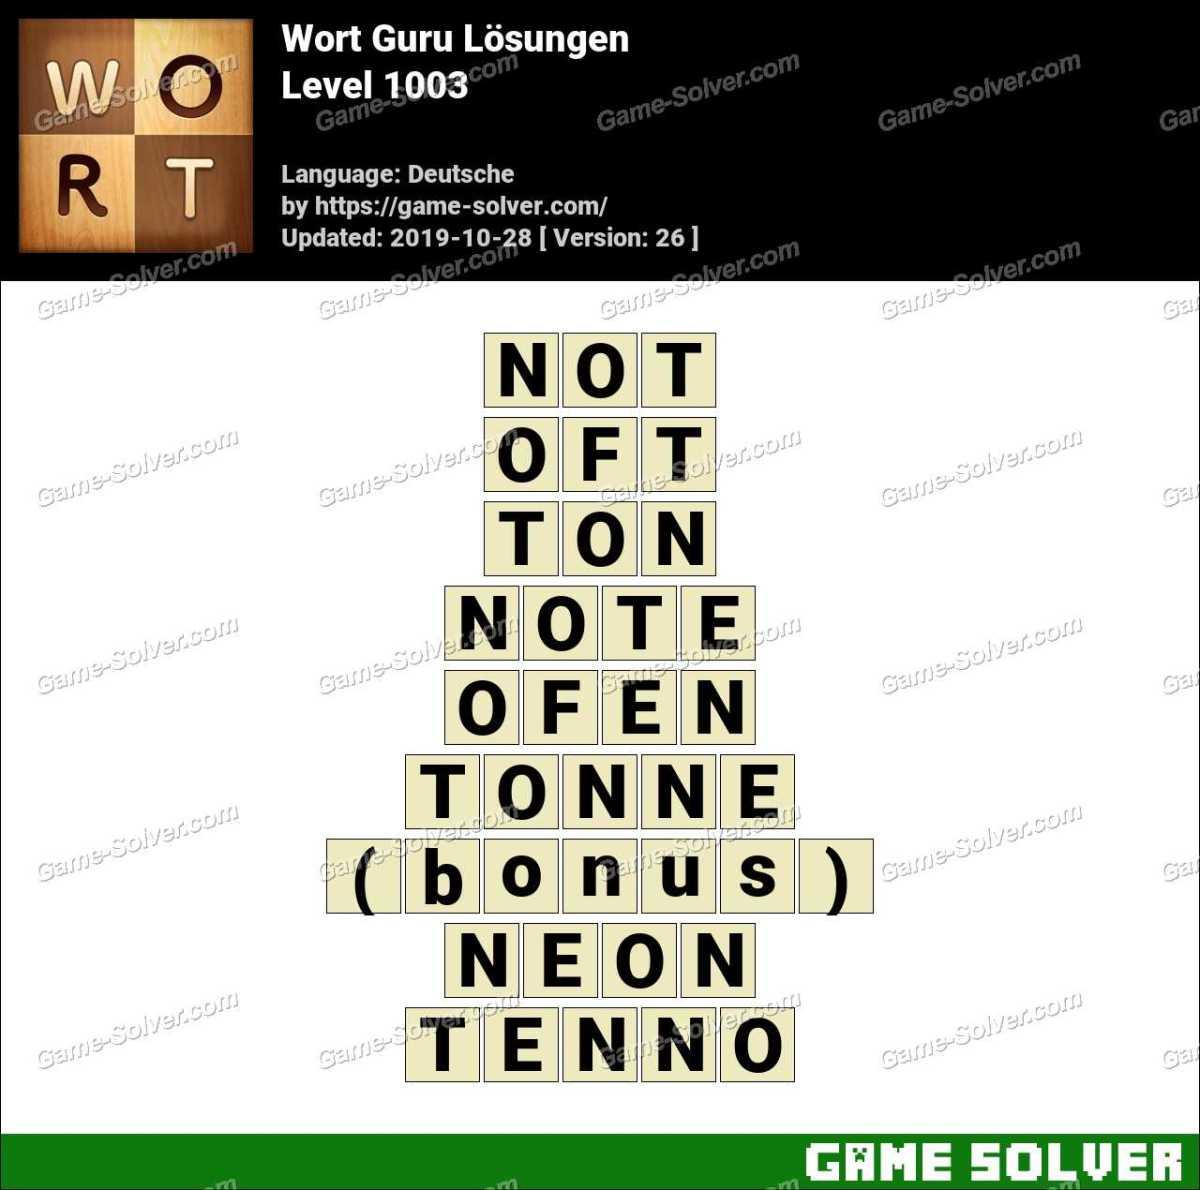 Wort Guru Level 1003 Lösungen